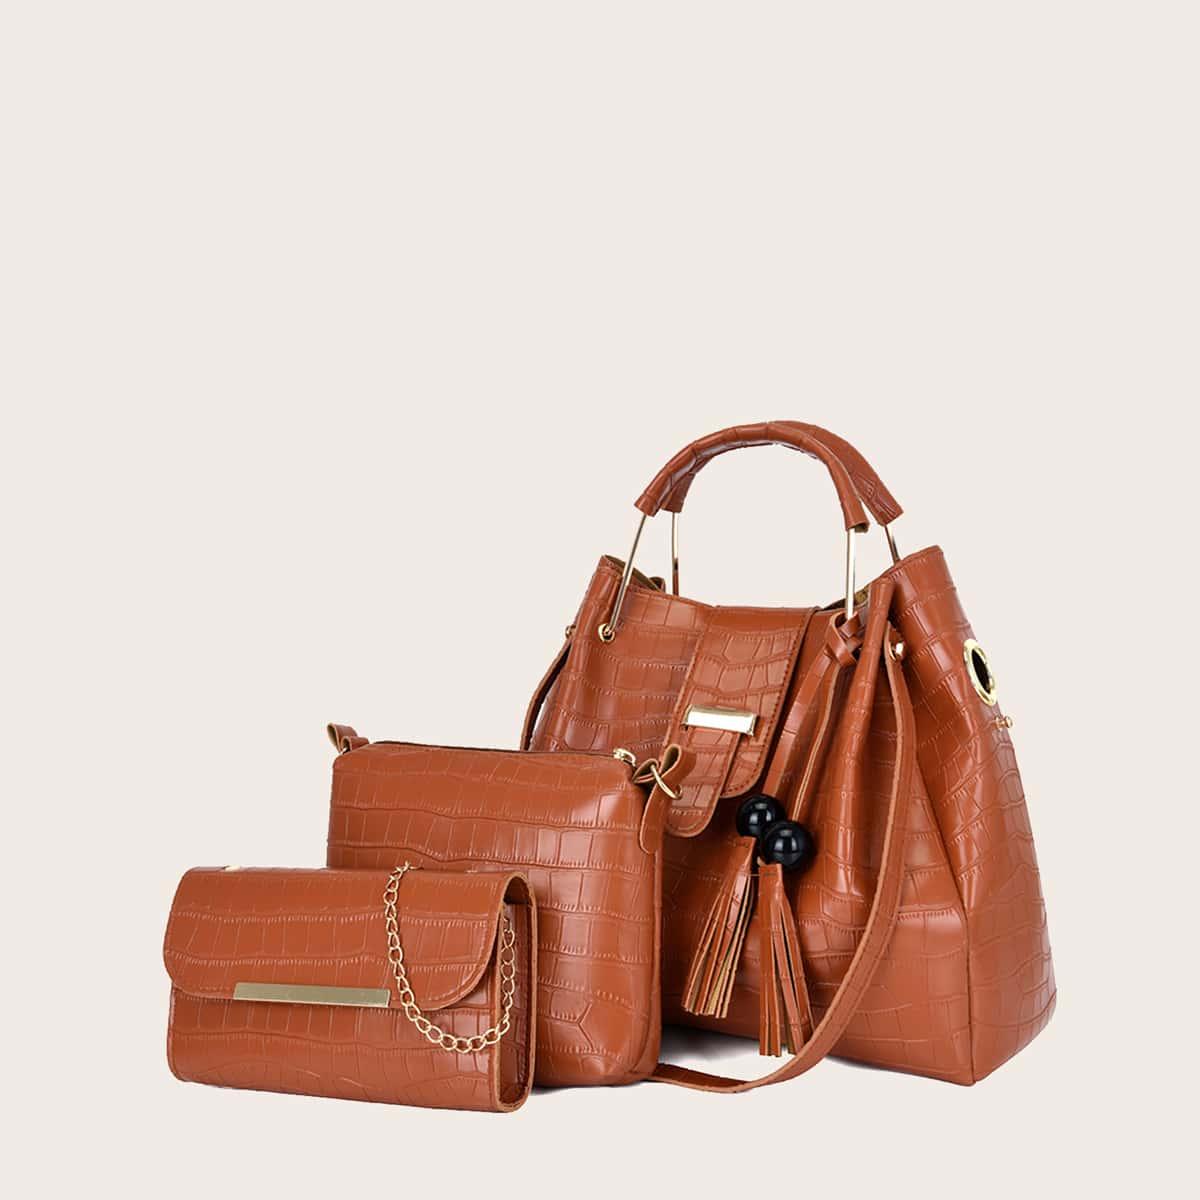 3шт комплект сумки-сэтчел с рельефным узором и бахромой